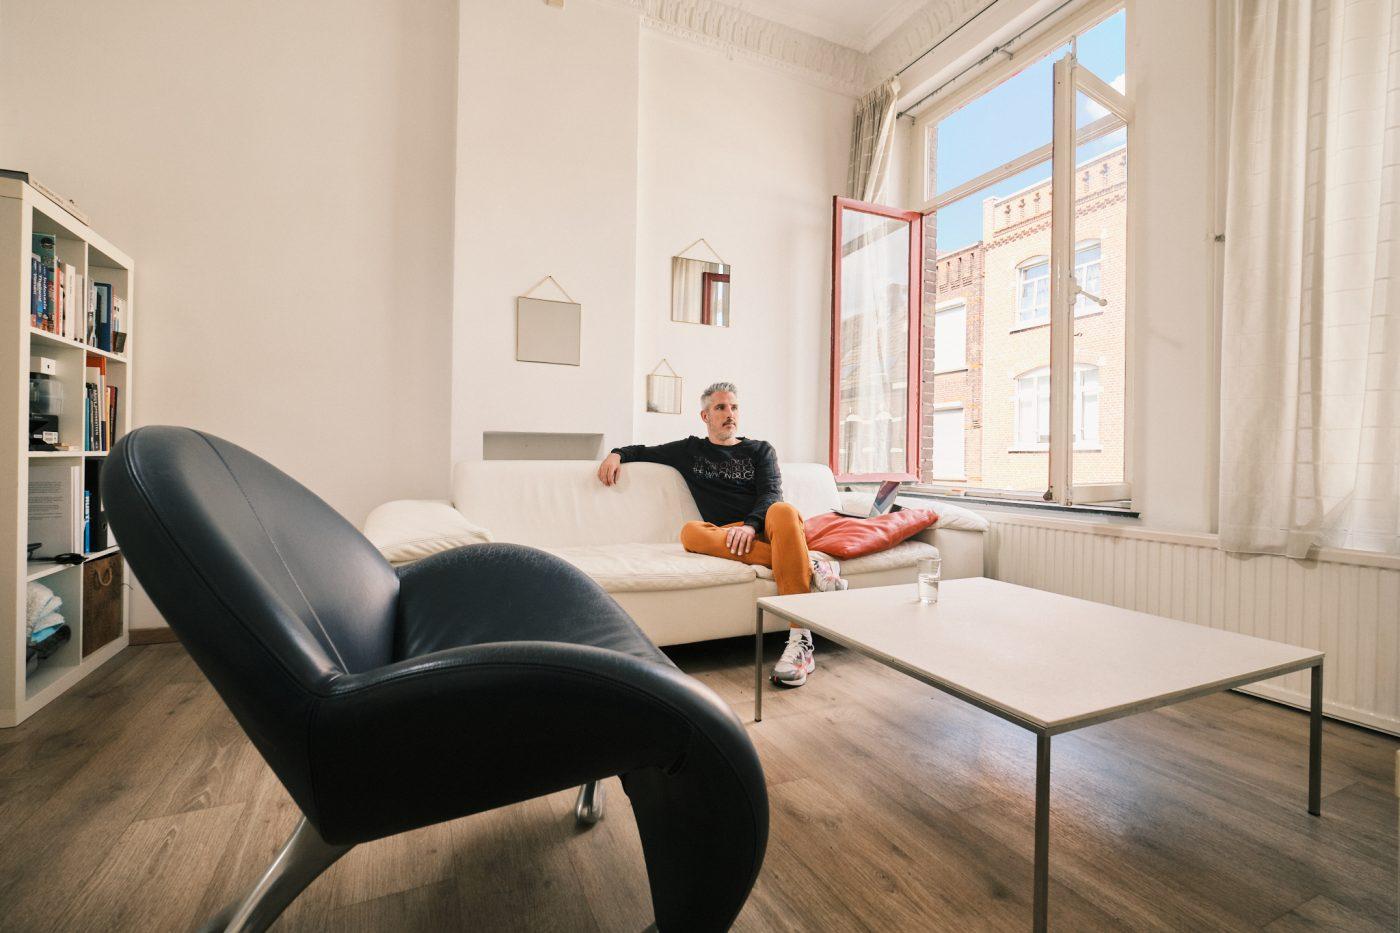 Maarten Van Erp Site 5